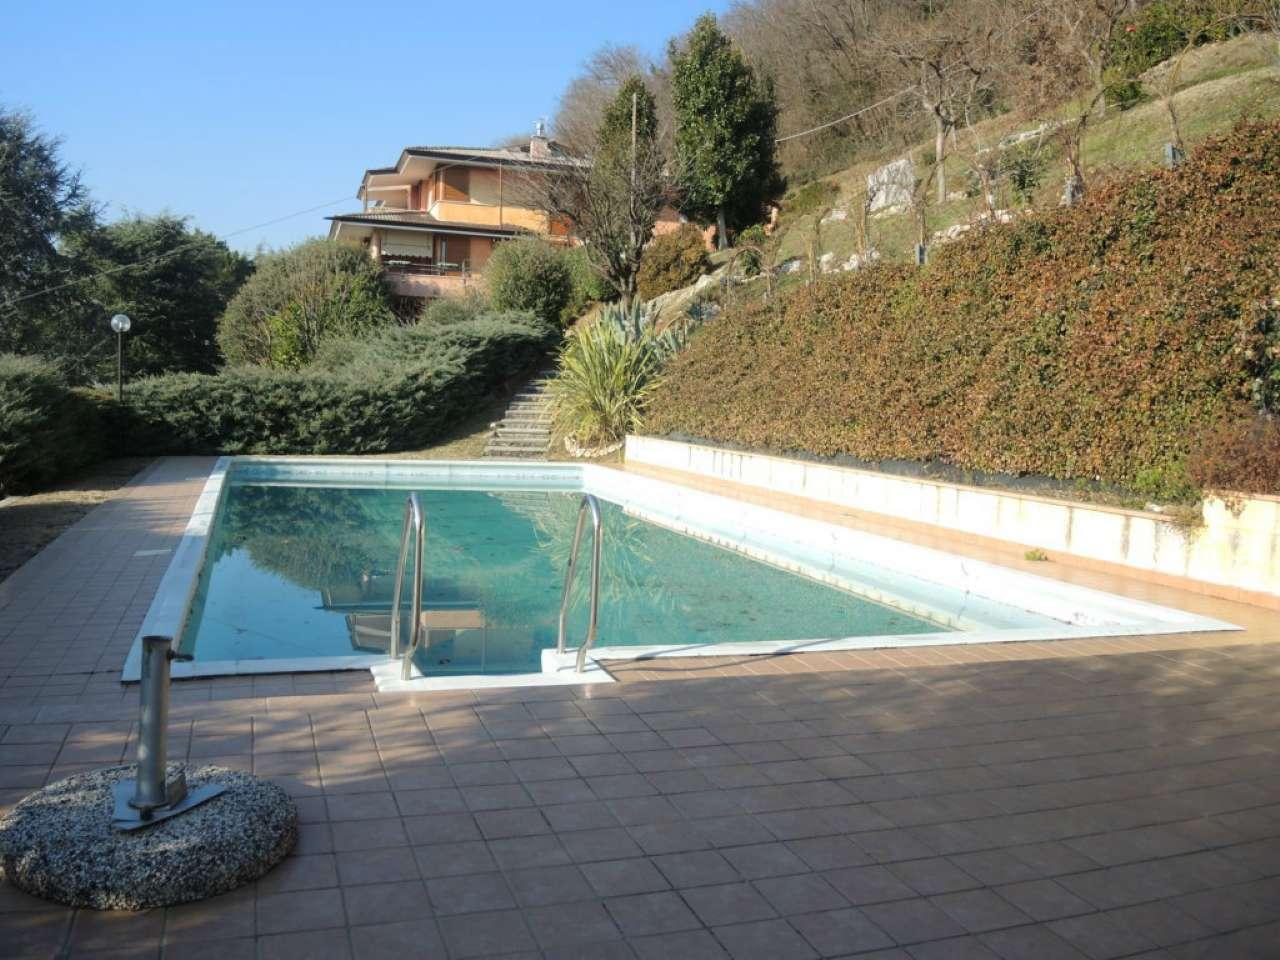 Villa in vendita a Pieve di Soligo (TV)